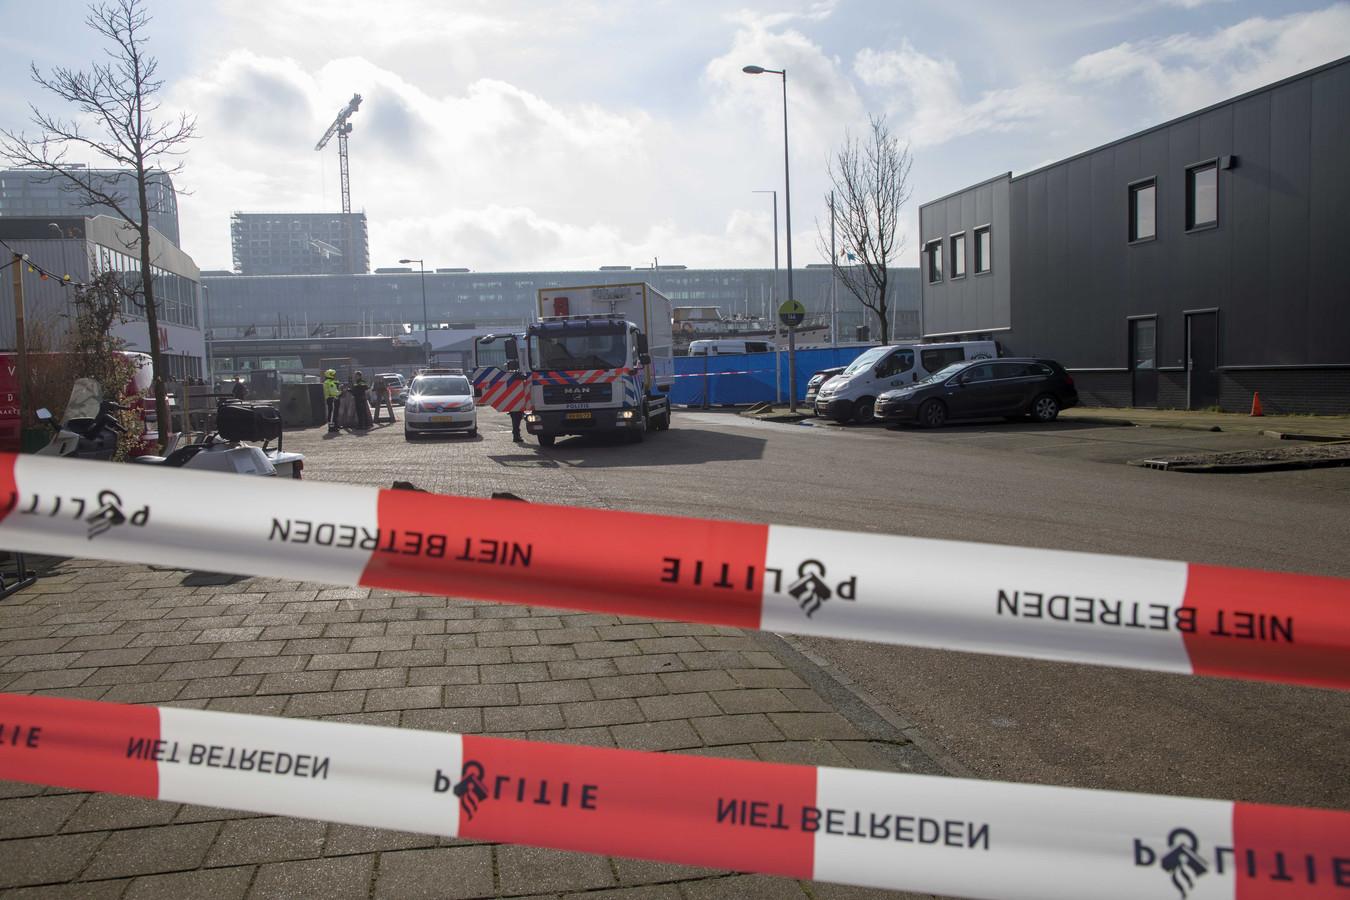 De broer van de kroongetuige Nabil B., die verklaringen heeft afgelegd tegen de zogeheten Mocro-maffia, werd doodgeschoten in Amsterdam-Noord.